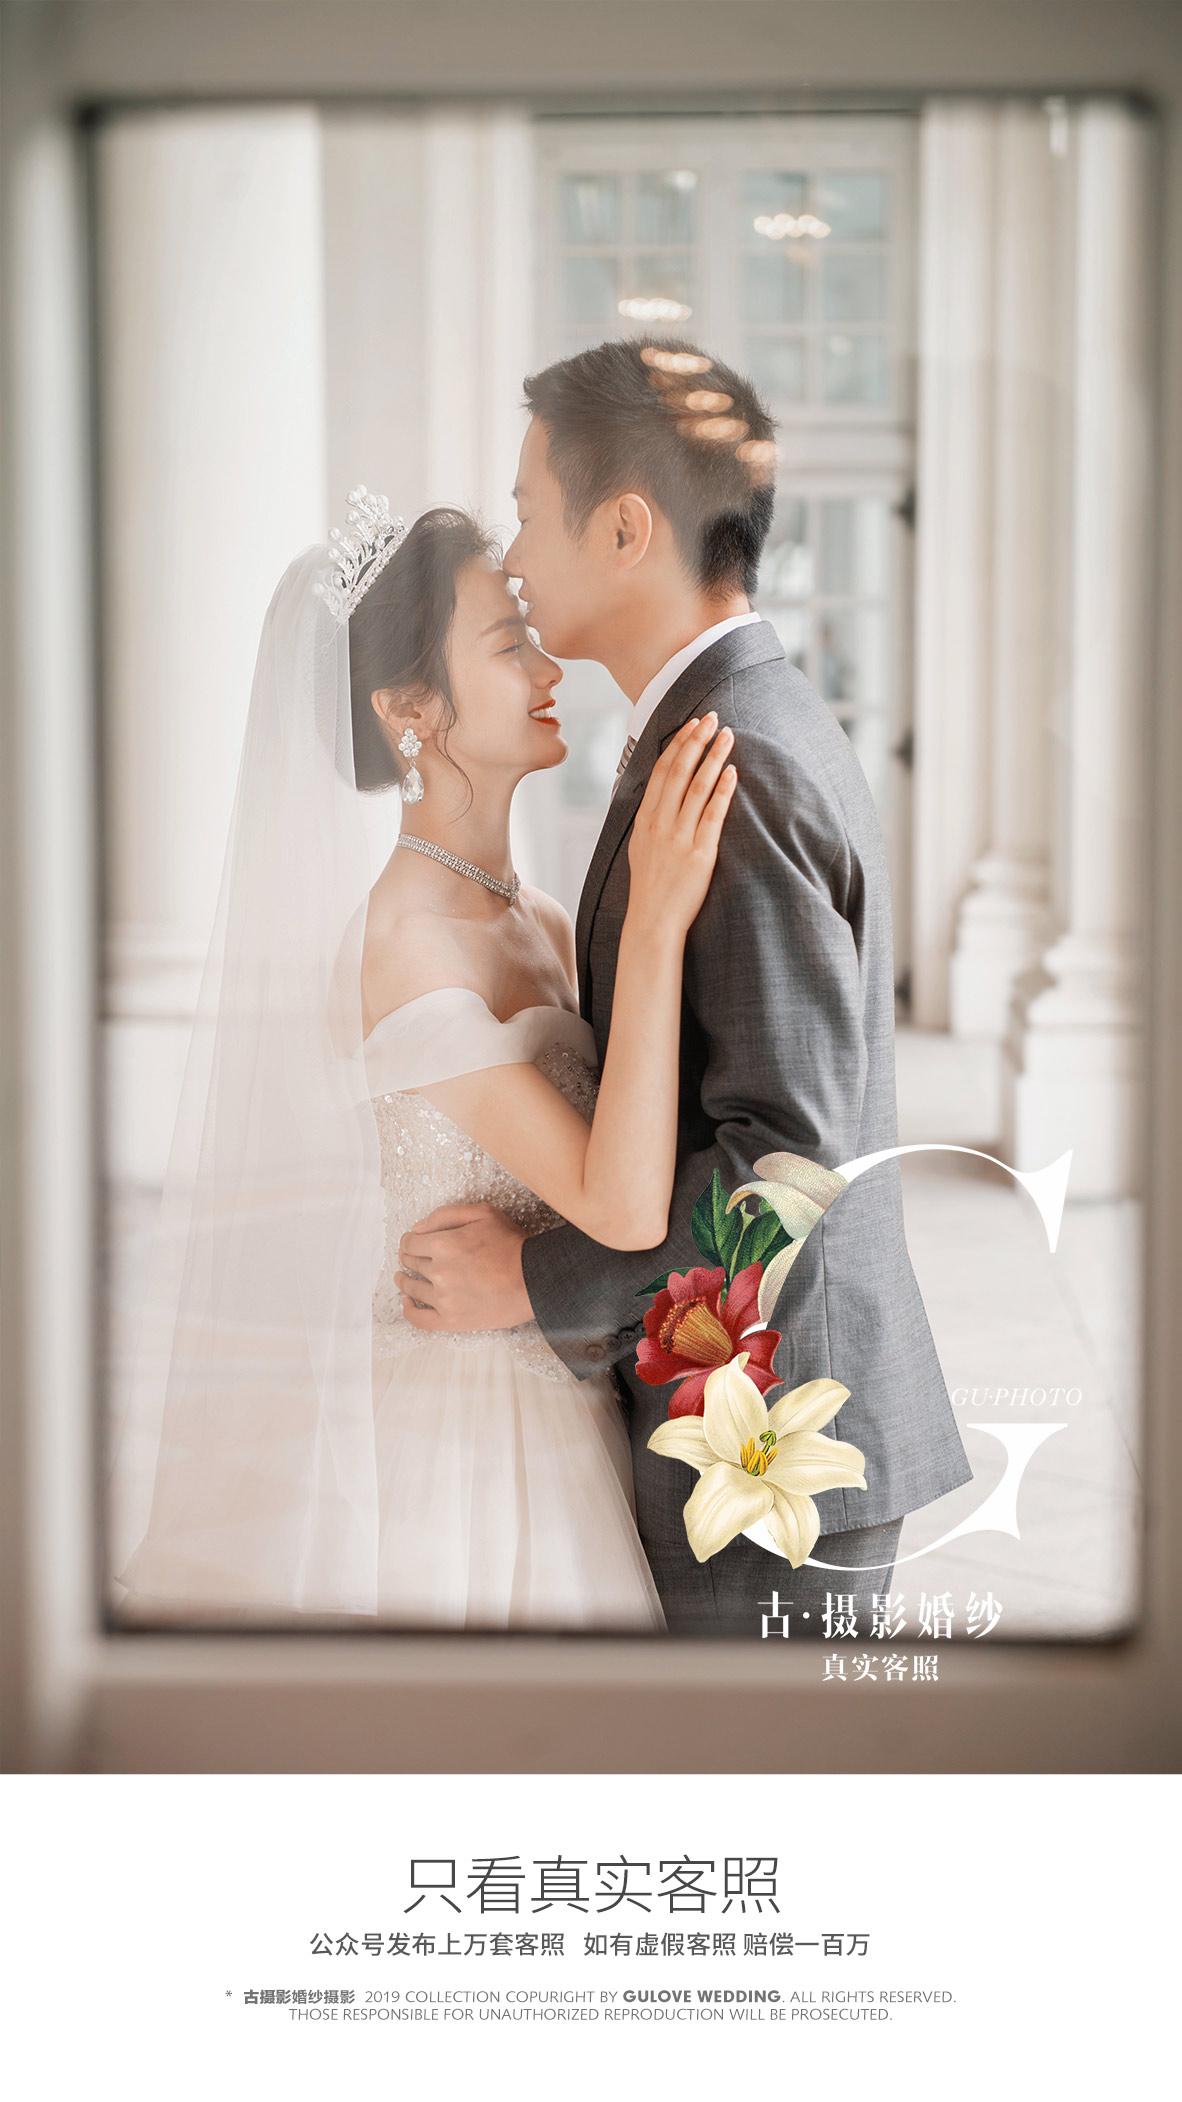 7月客照第一季 - 月度客照 - 古攝影婚紗藝術-古攝影成都婚紗攝影藝術攝影網